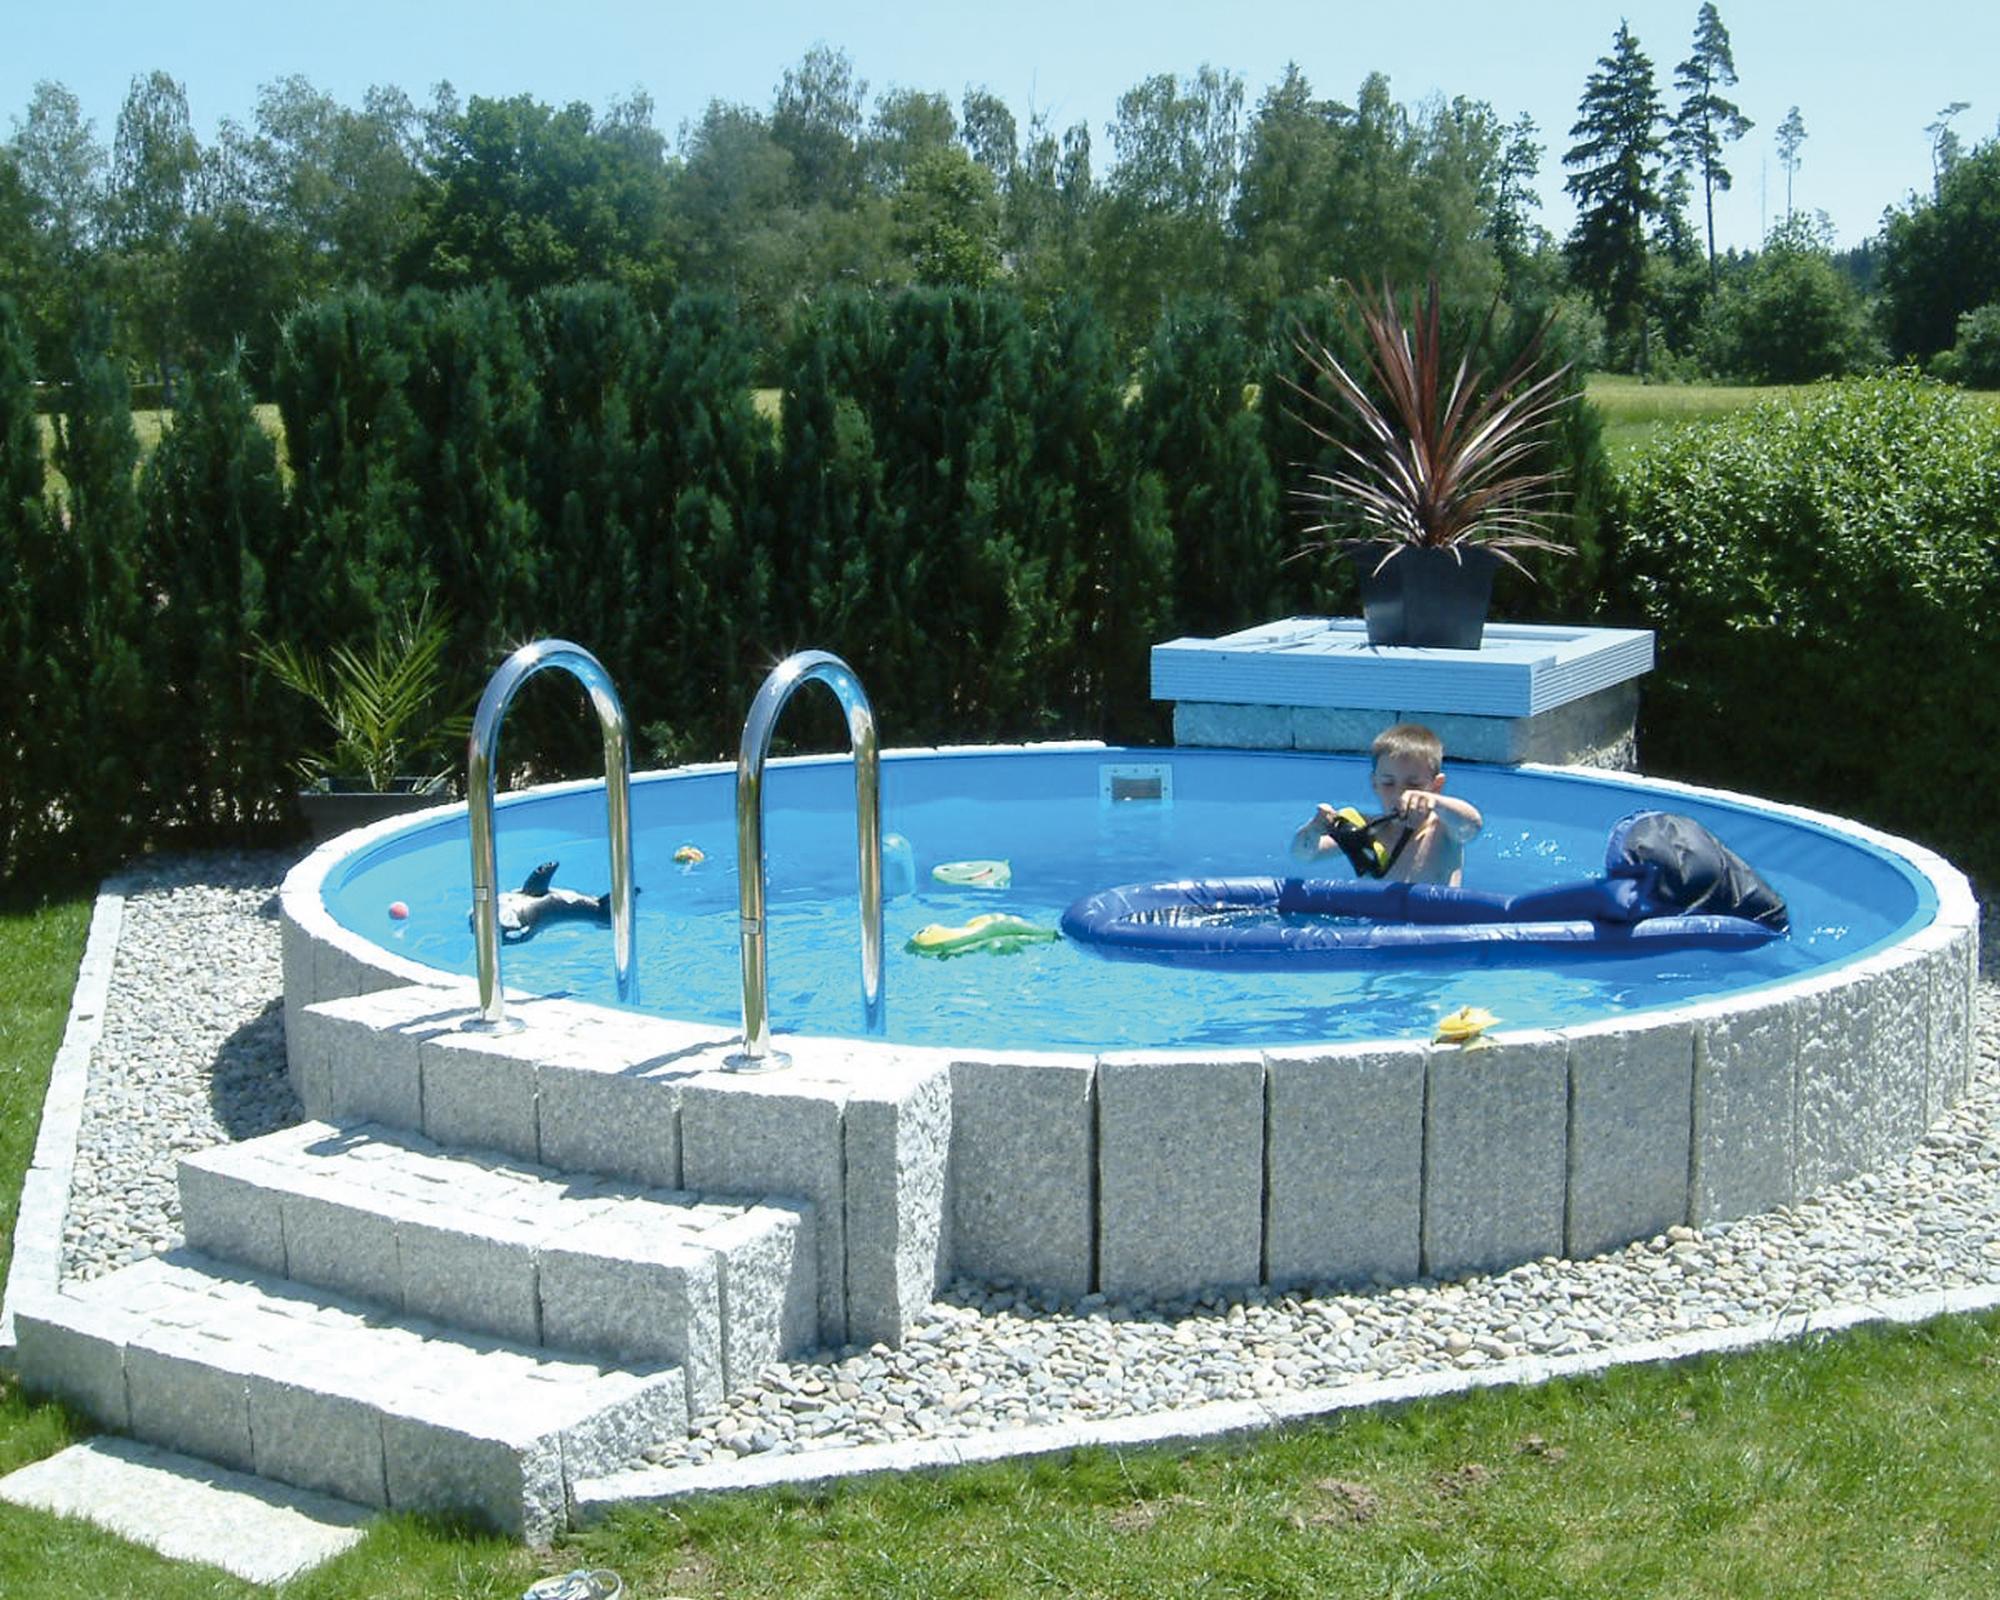 Fabulous Swimming Pool Future Fun Ø 4.00m - H: 120cm   bowi.ch KW75